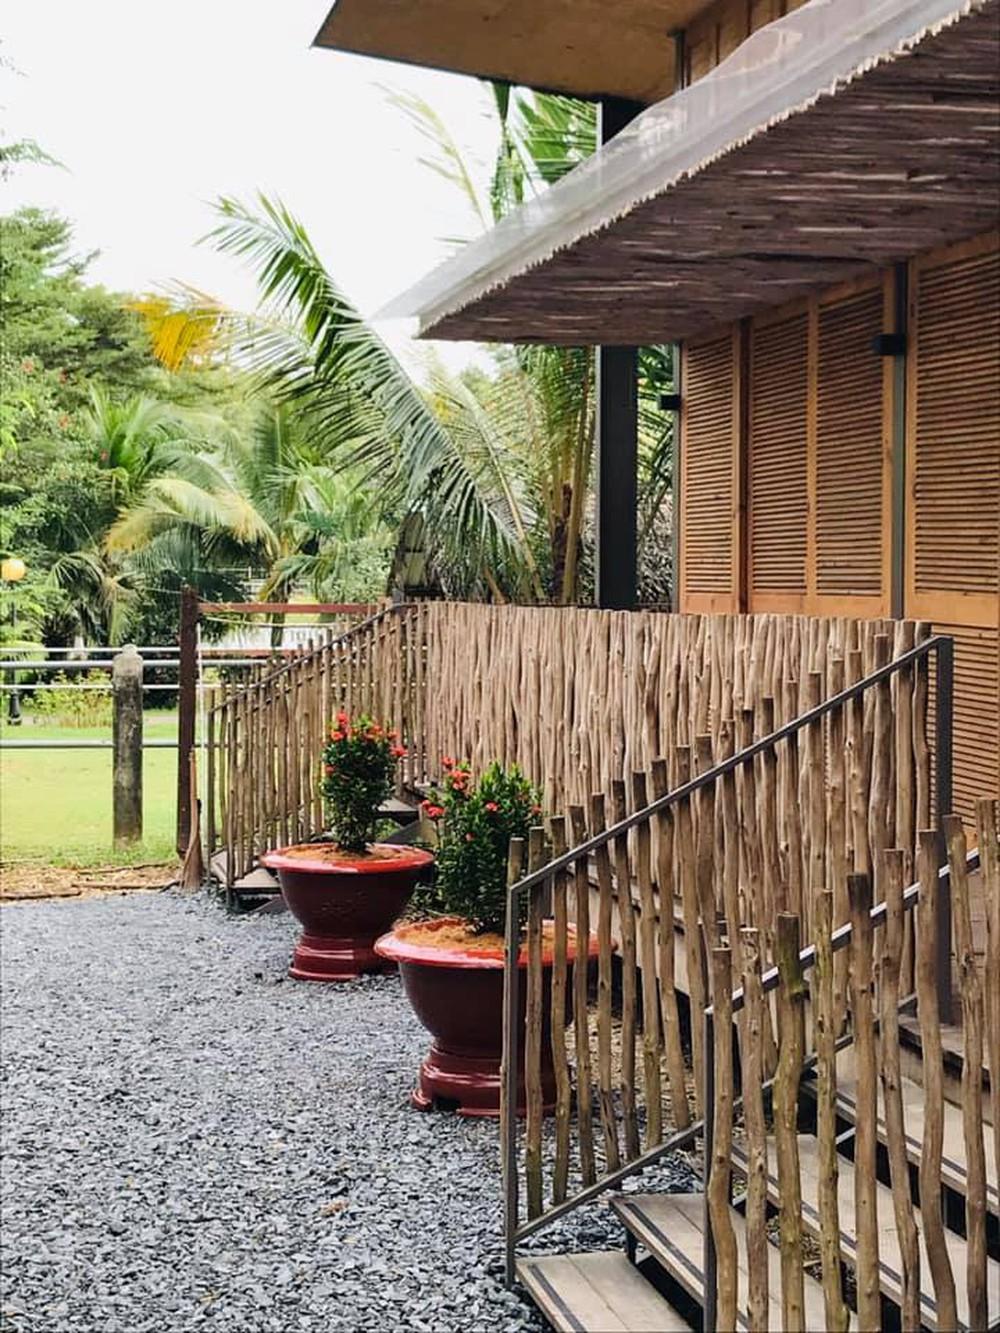 Ngôi nhà mái bằng trấu, vách vôi ở Đồng Nai nổi bật trên báo ngoại - Ảnh 9.